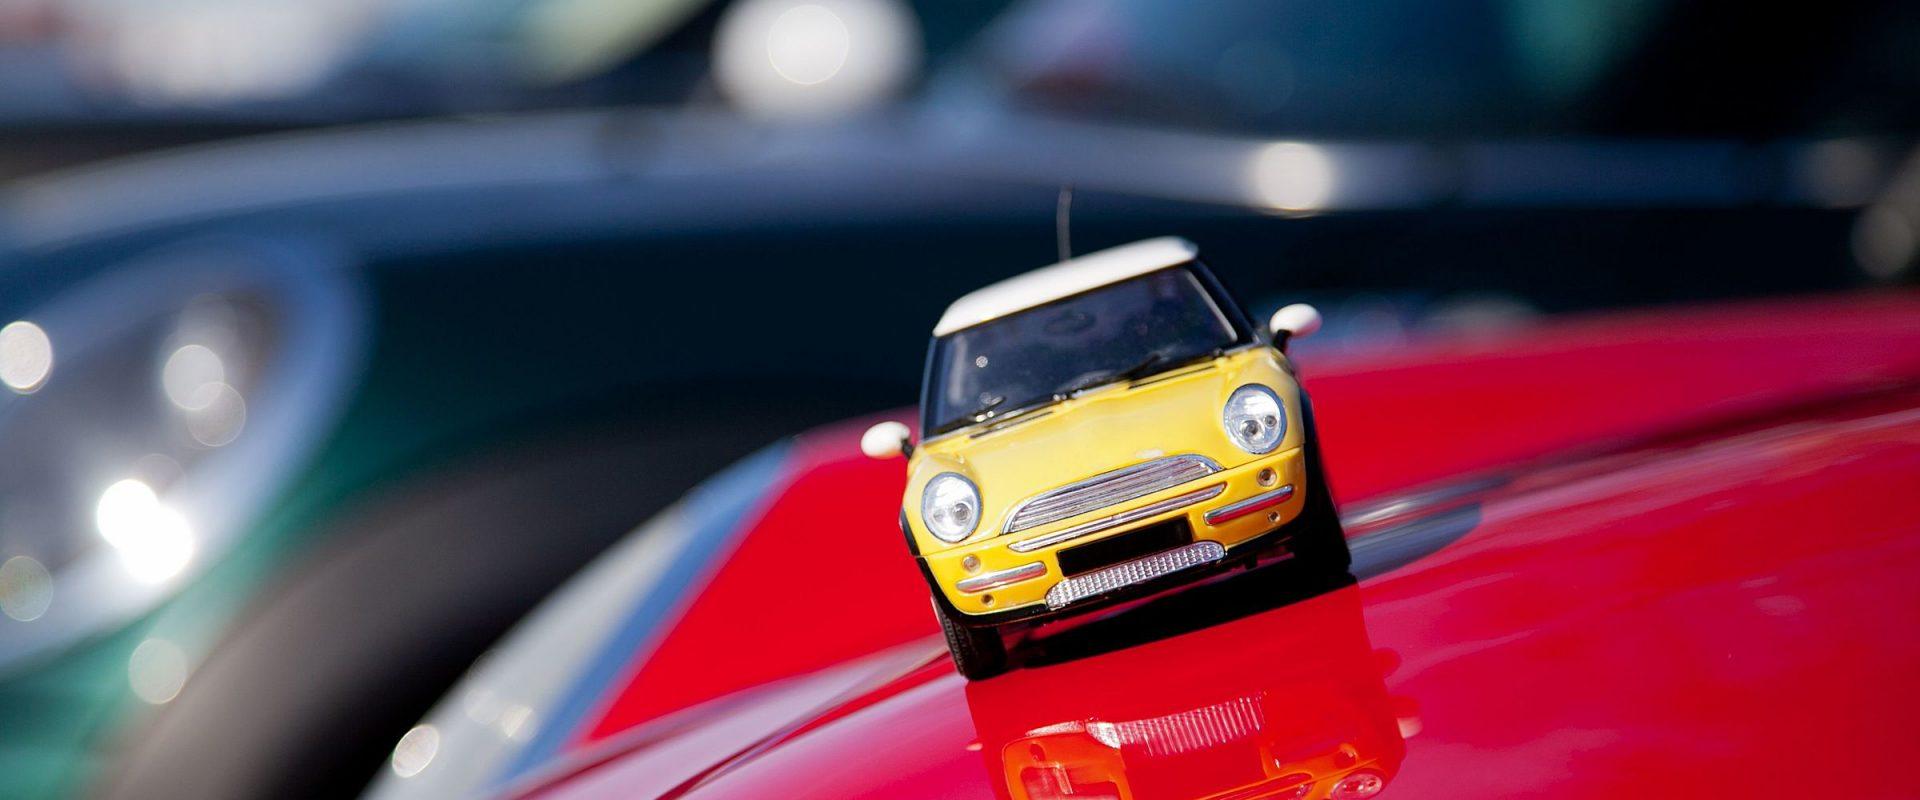 Novo MINI: conheça as versões One, Cooper e Cooper S